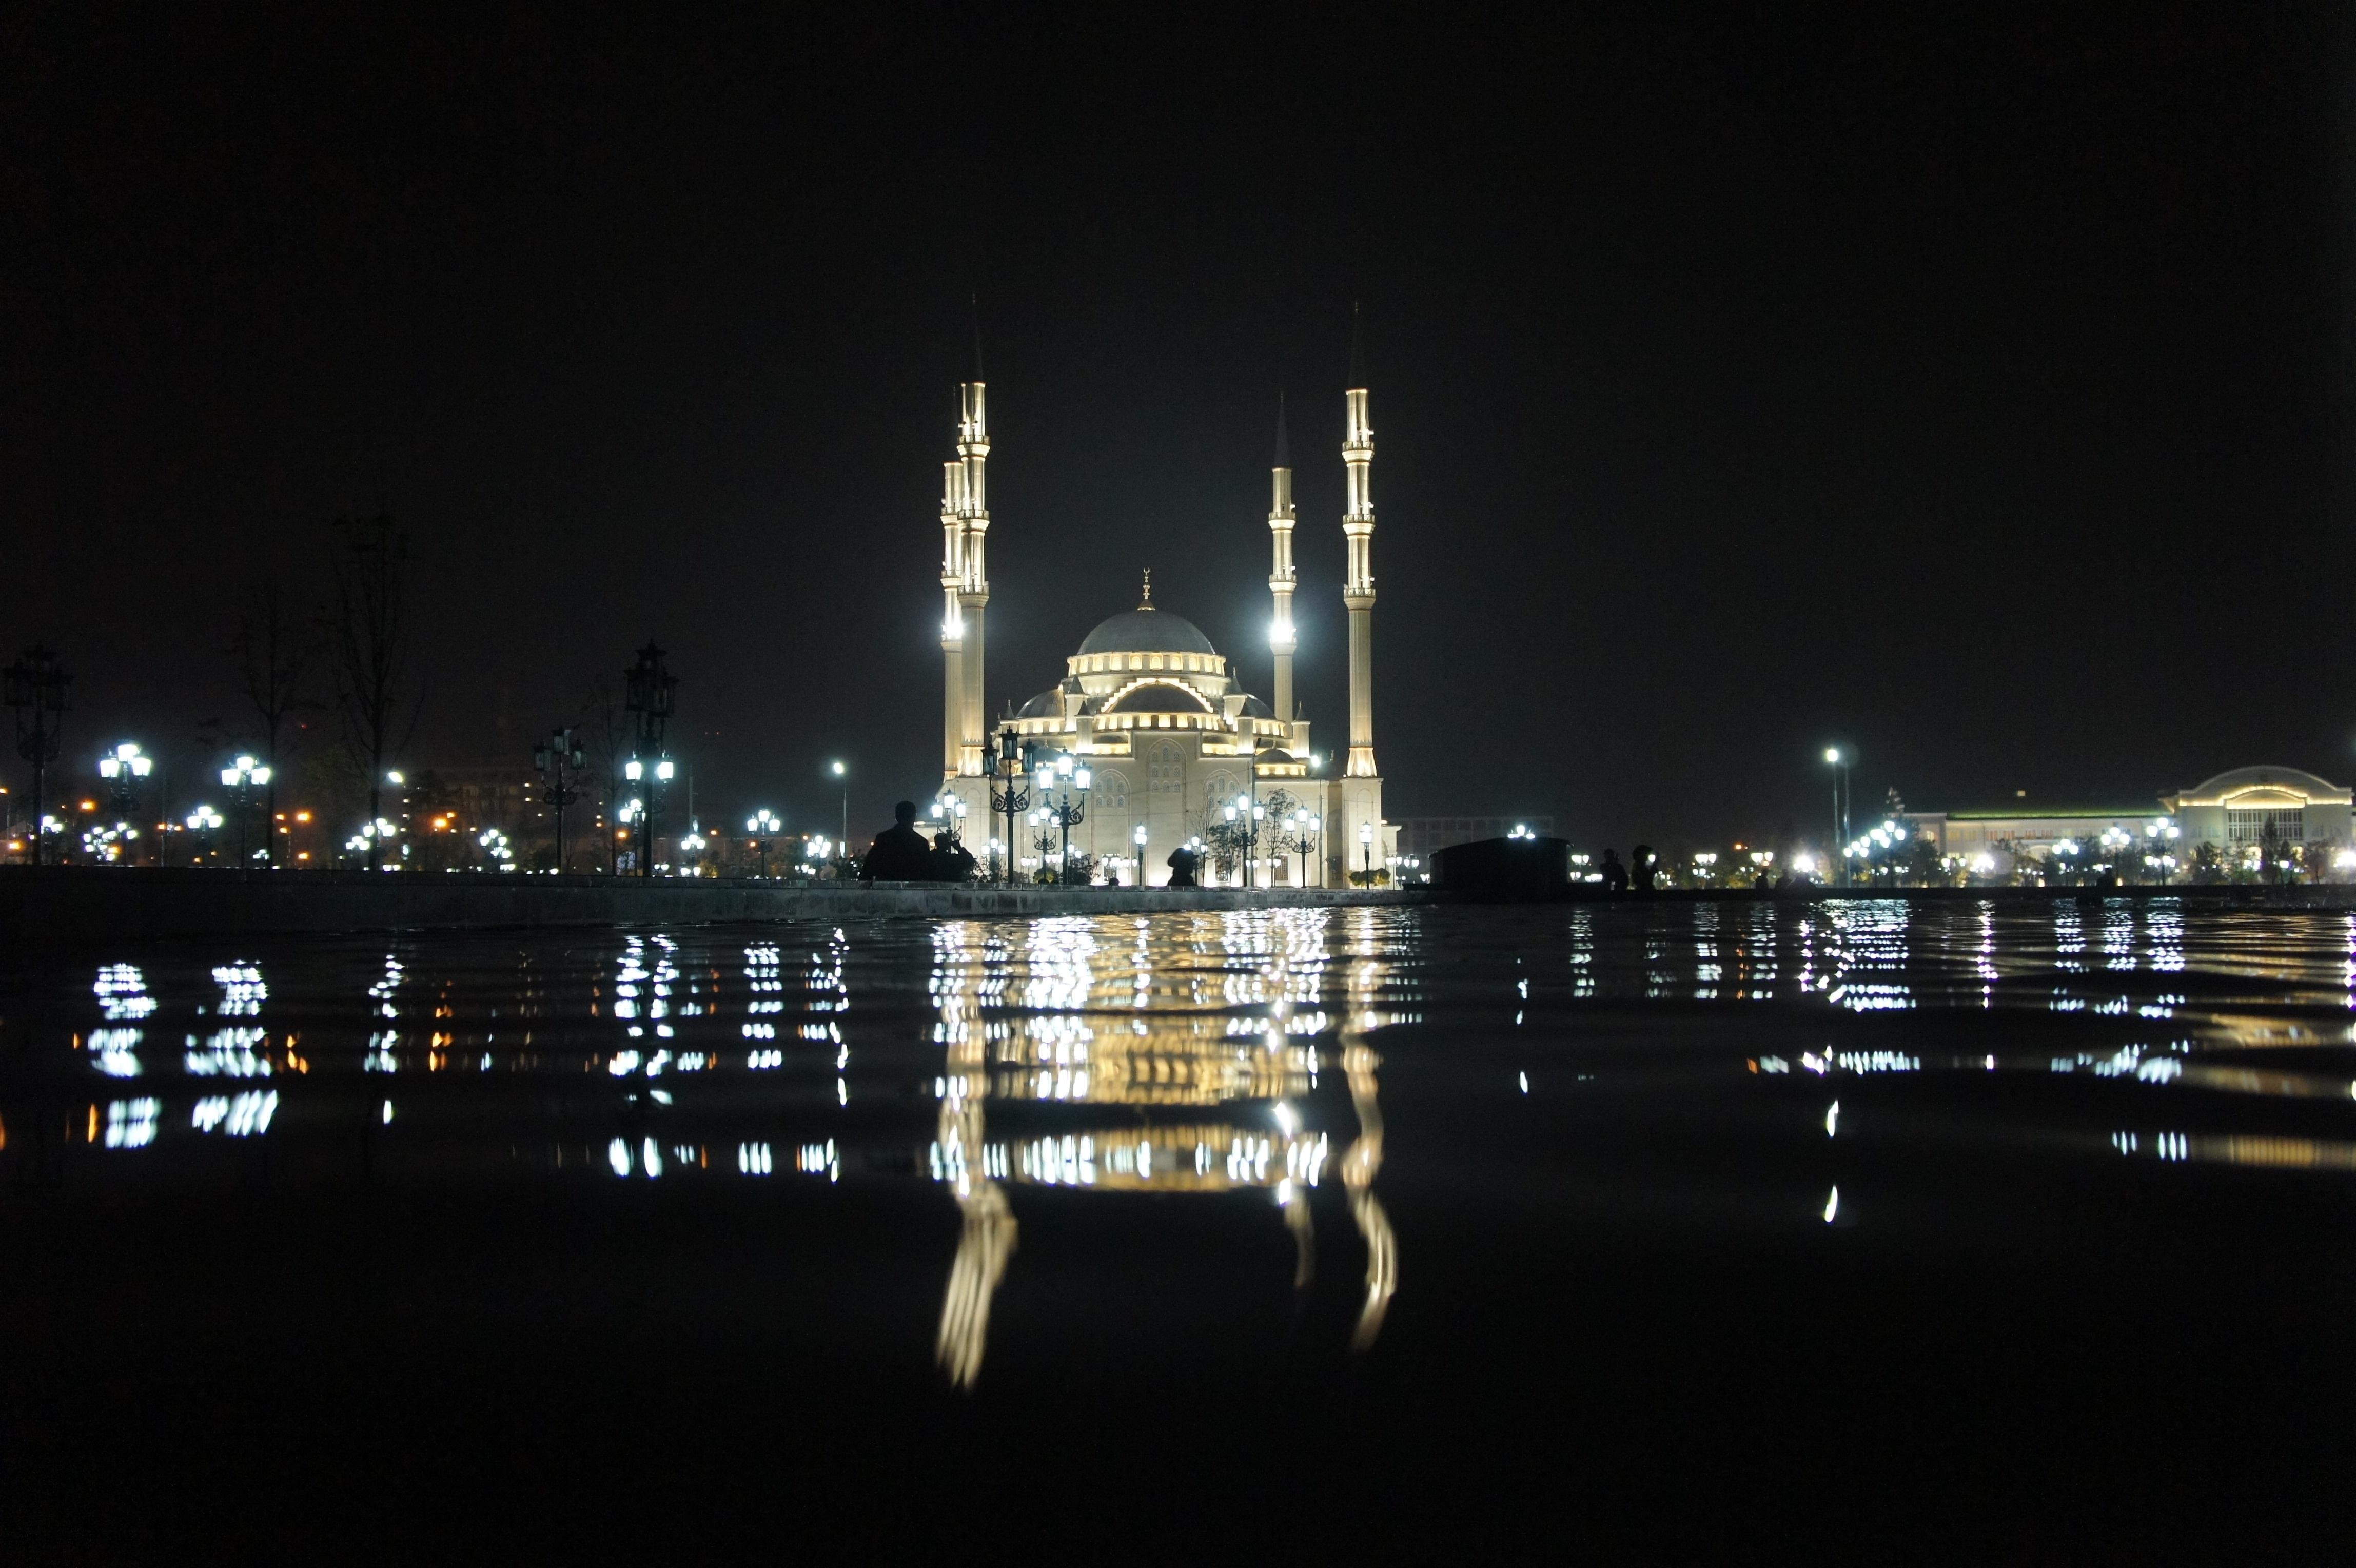 129417 обои 1440x2560 на телефон бесплатно, скачать картинки Ислам, Мечеть, Праздники, Тадж-Махал, Курбан-Байрам, Ураза-Байрам 1440x2560 на мобильный